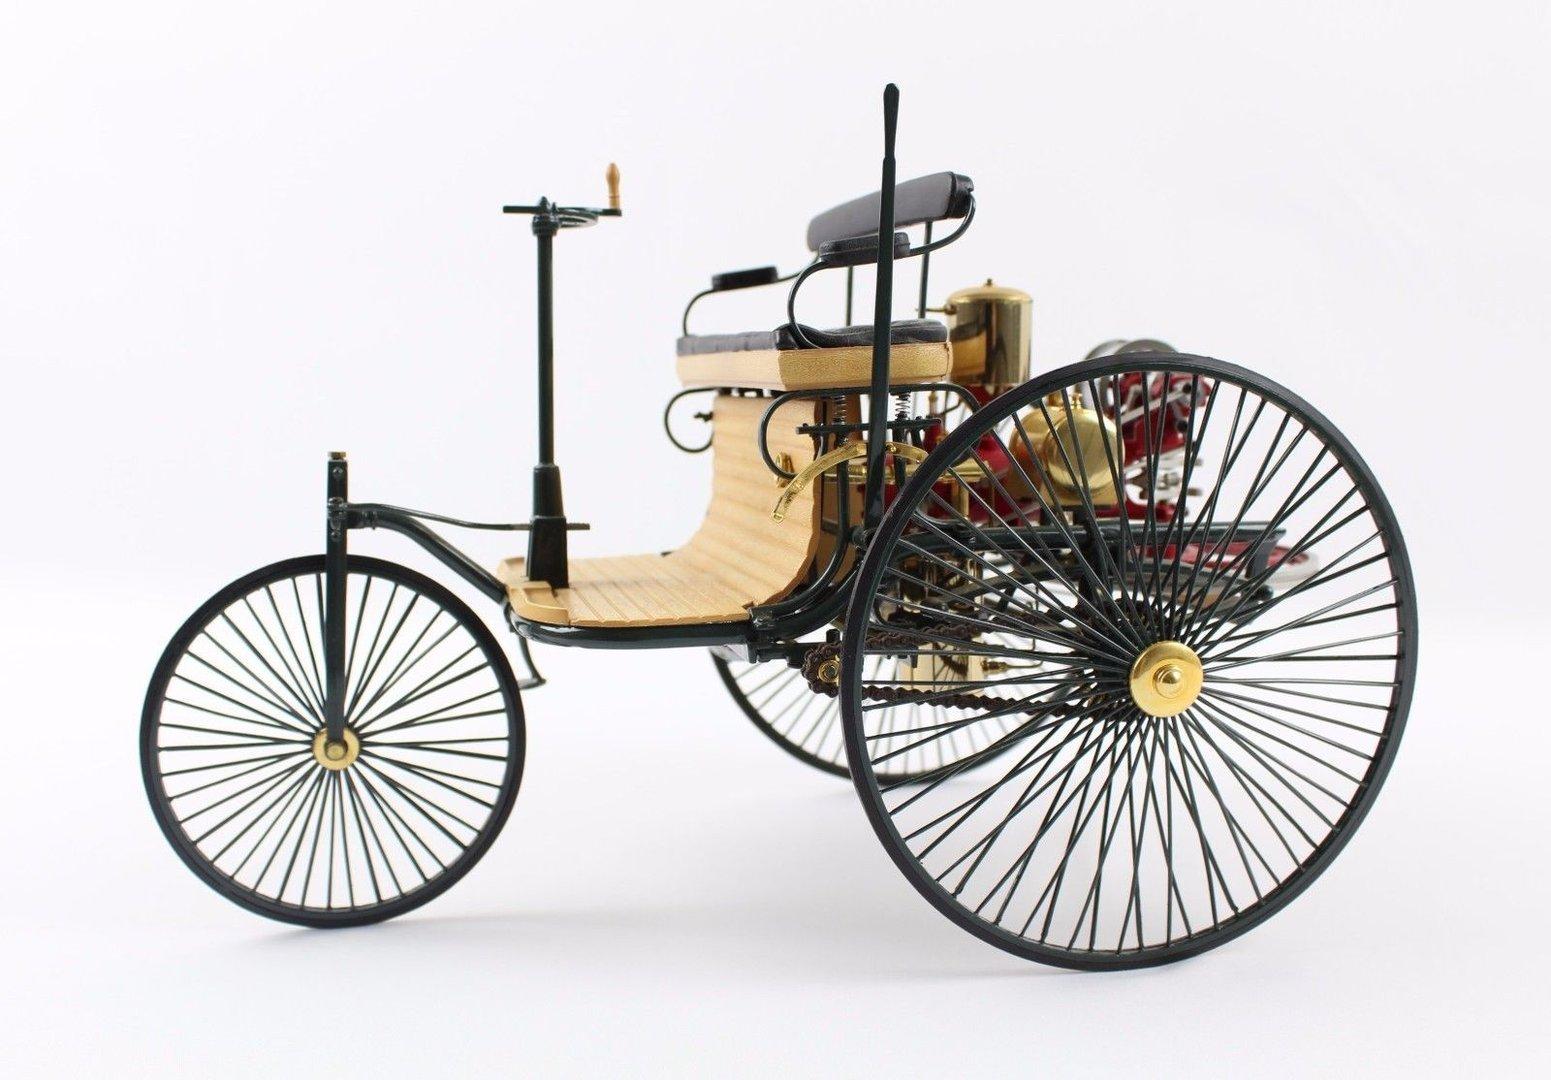 Benz Patent-Motorwagen Typ 1 Modell   Das erste Automobil (1885-1886 ...